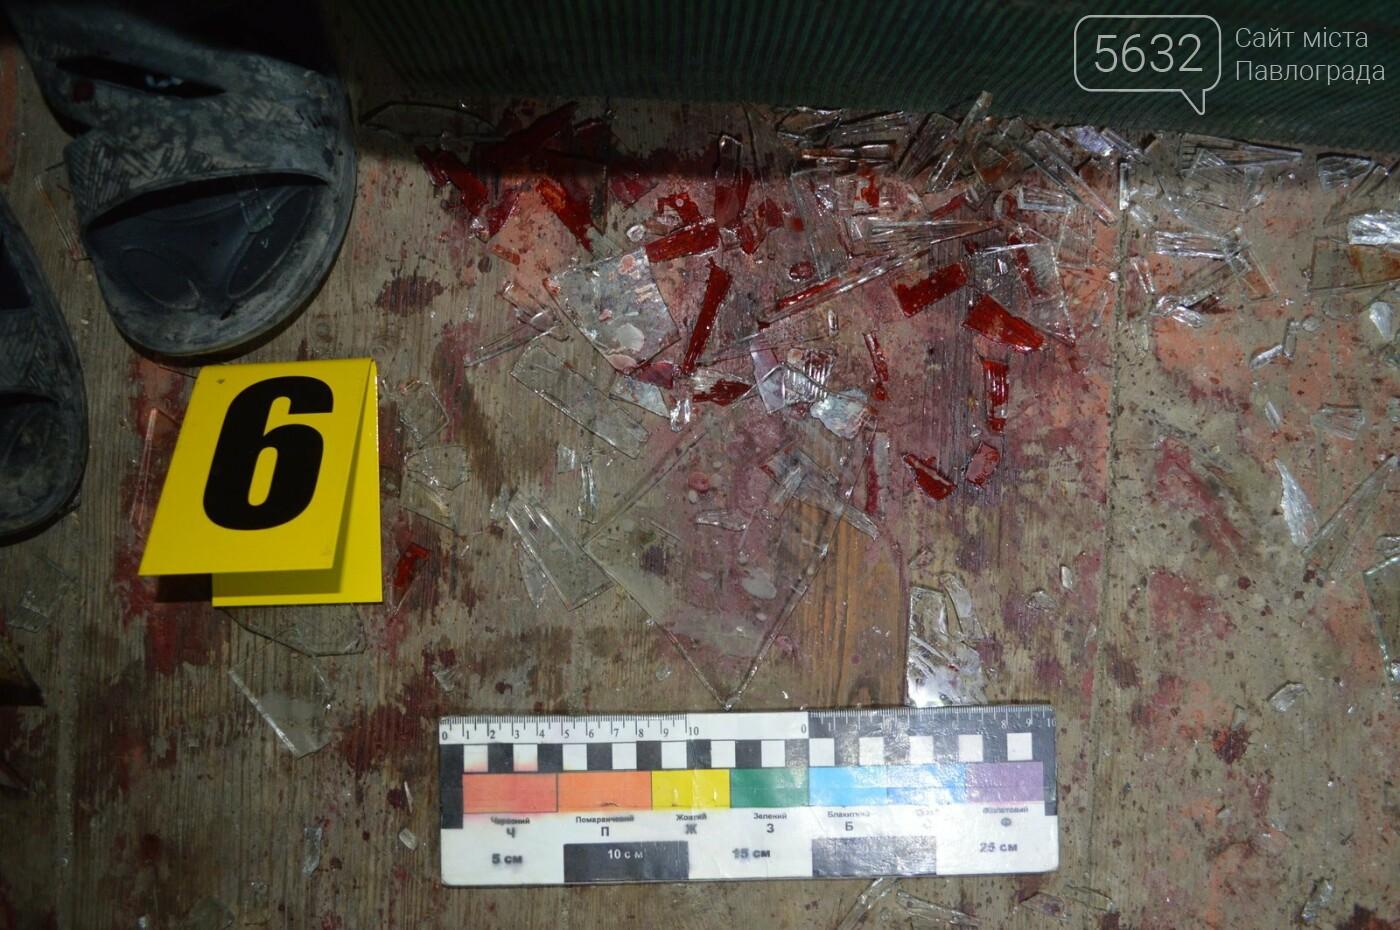 Жестокое убийство в Павлограде: школьник зарезал мужчину и 4-летнего ребенка, фото-2